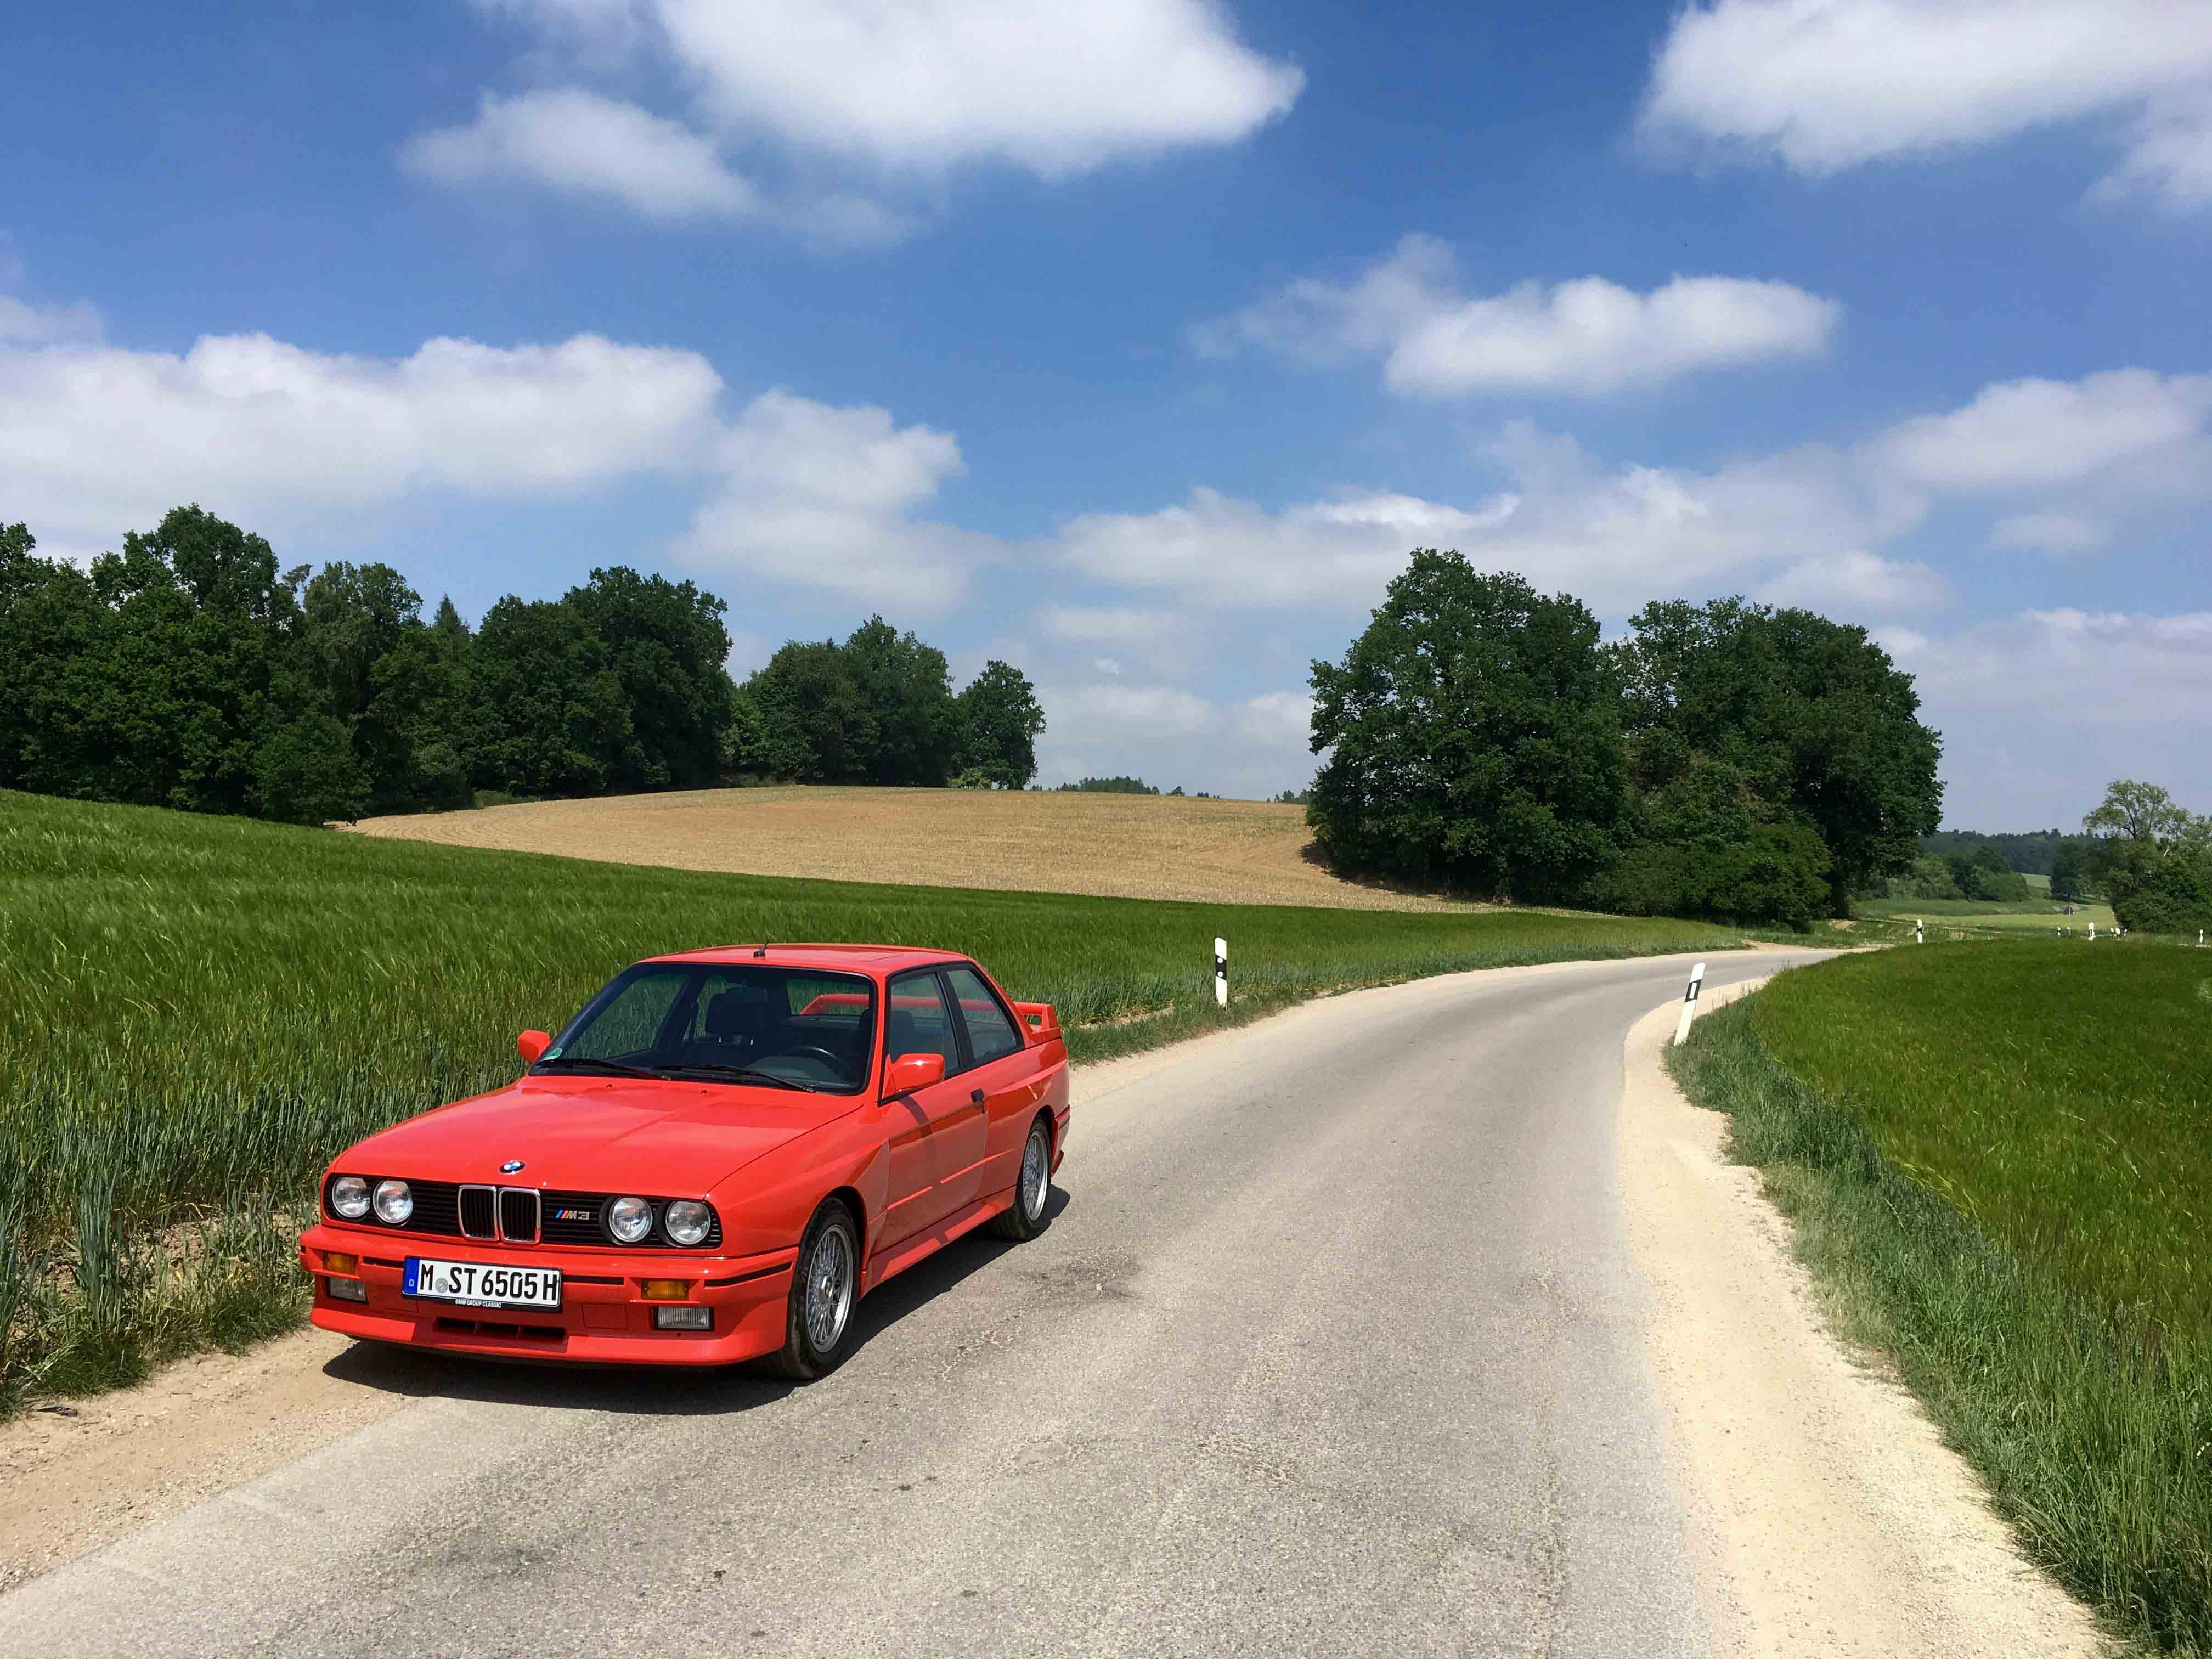 1987 BMW M3 two lane road